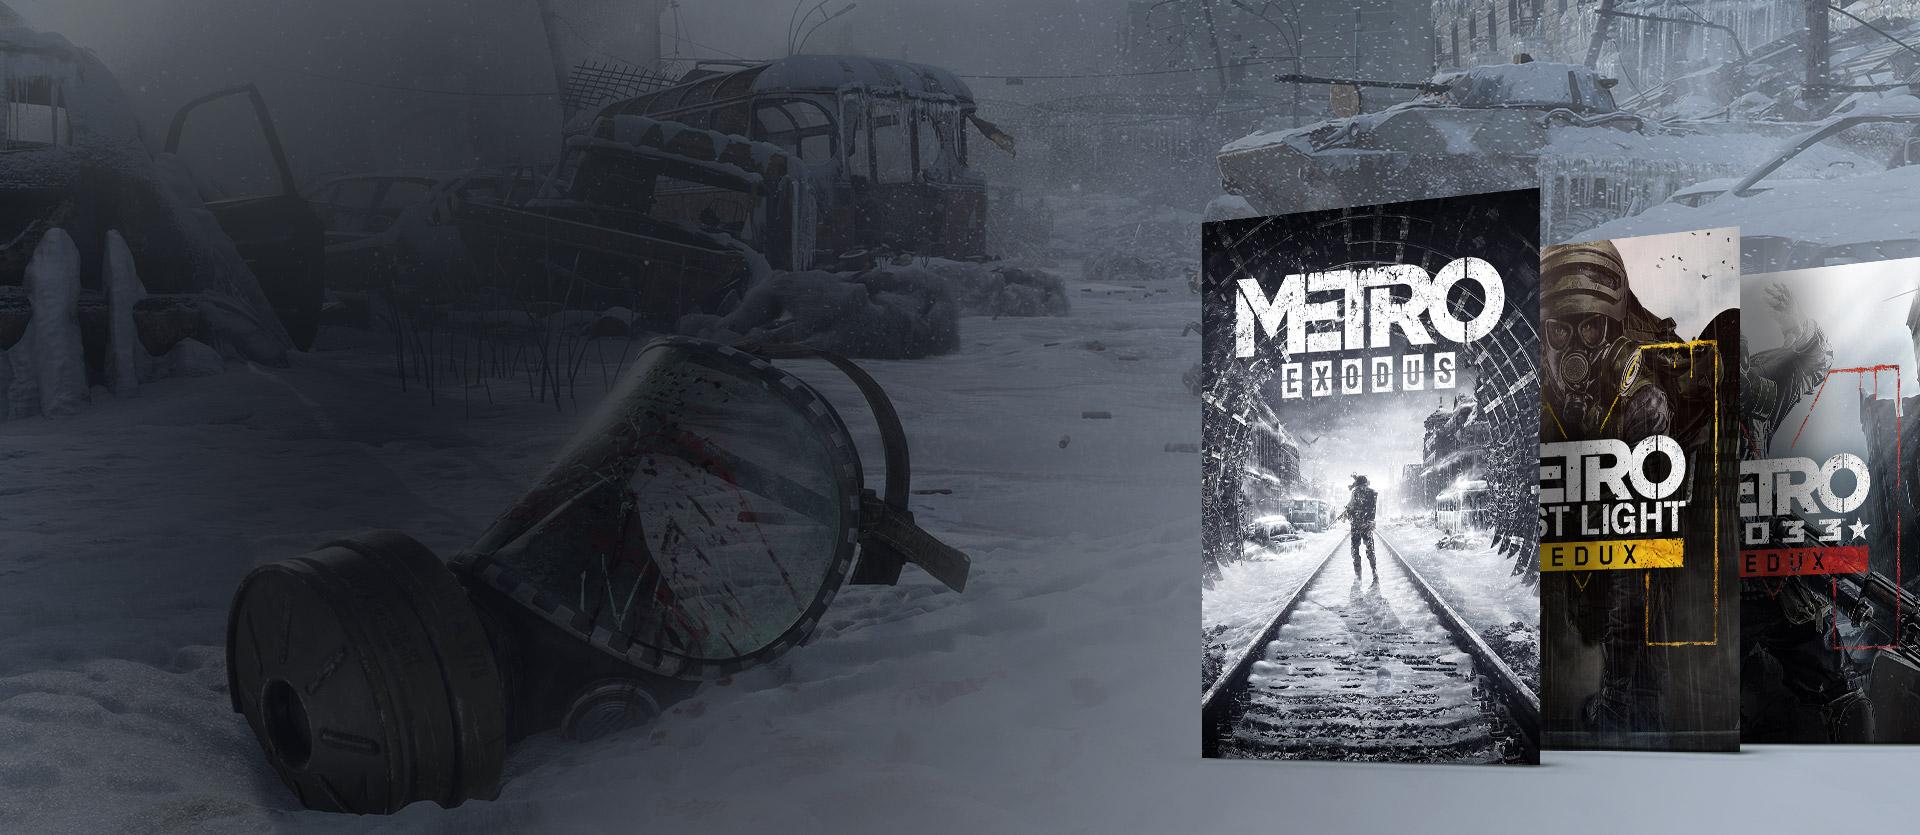 Metro Exodus-, Metro 2033 Redux- og Metro: Last Light Redux-esker foran en snødekt, redusert by med en ødelagt gassmaske.